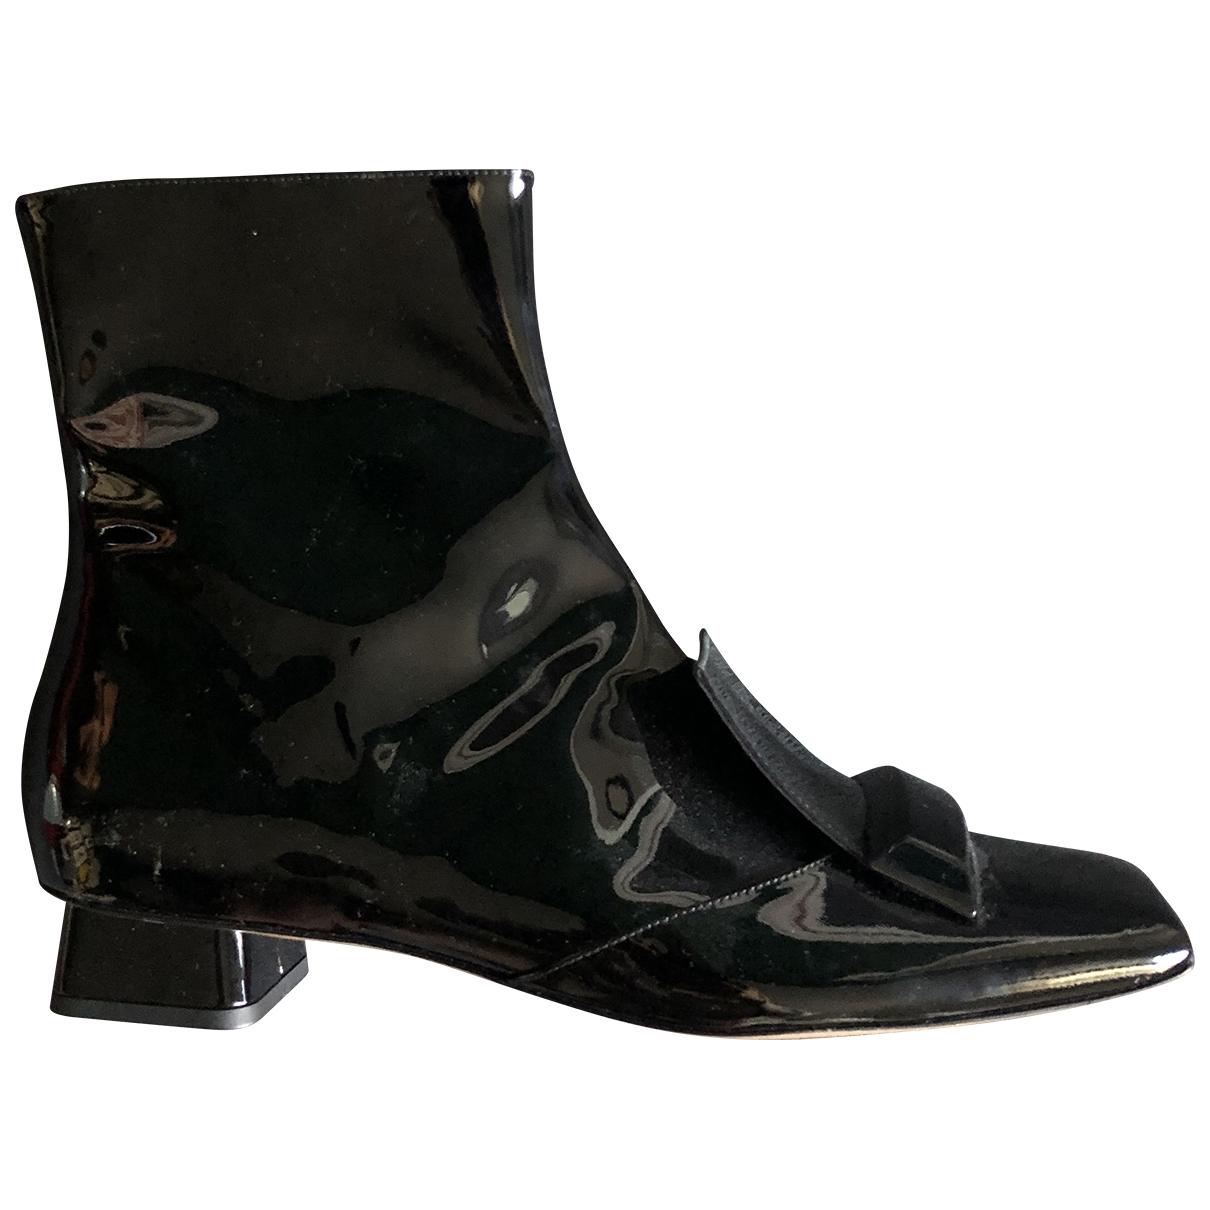 Rayne London - Boots   pour femme en cuir verni - noir